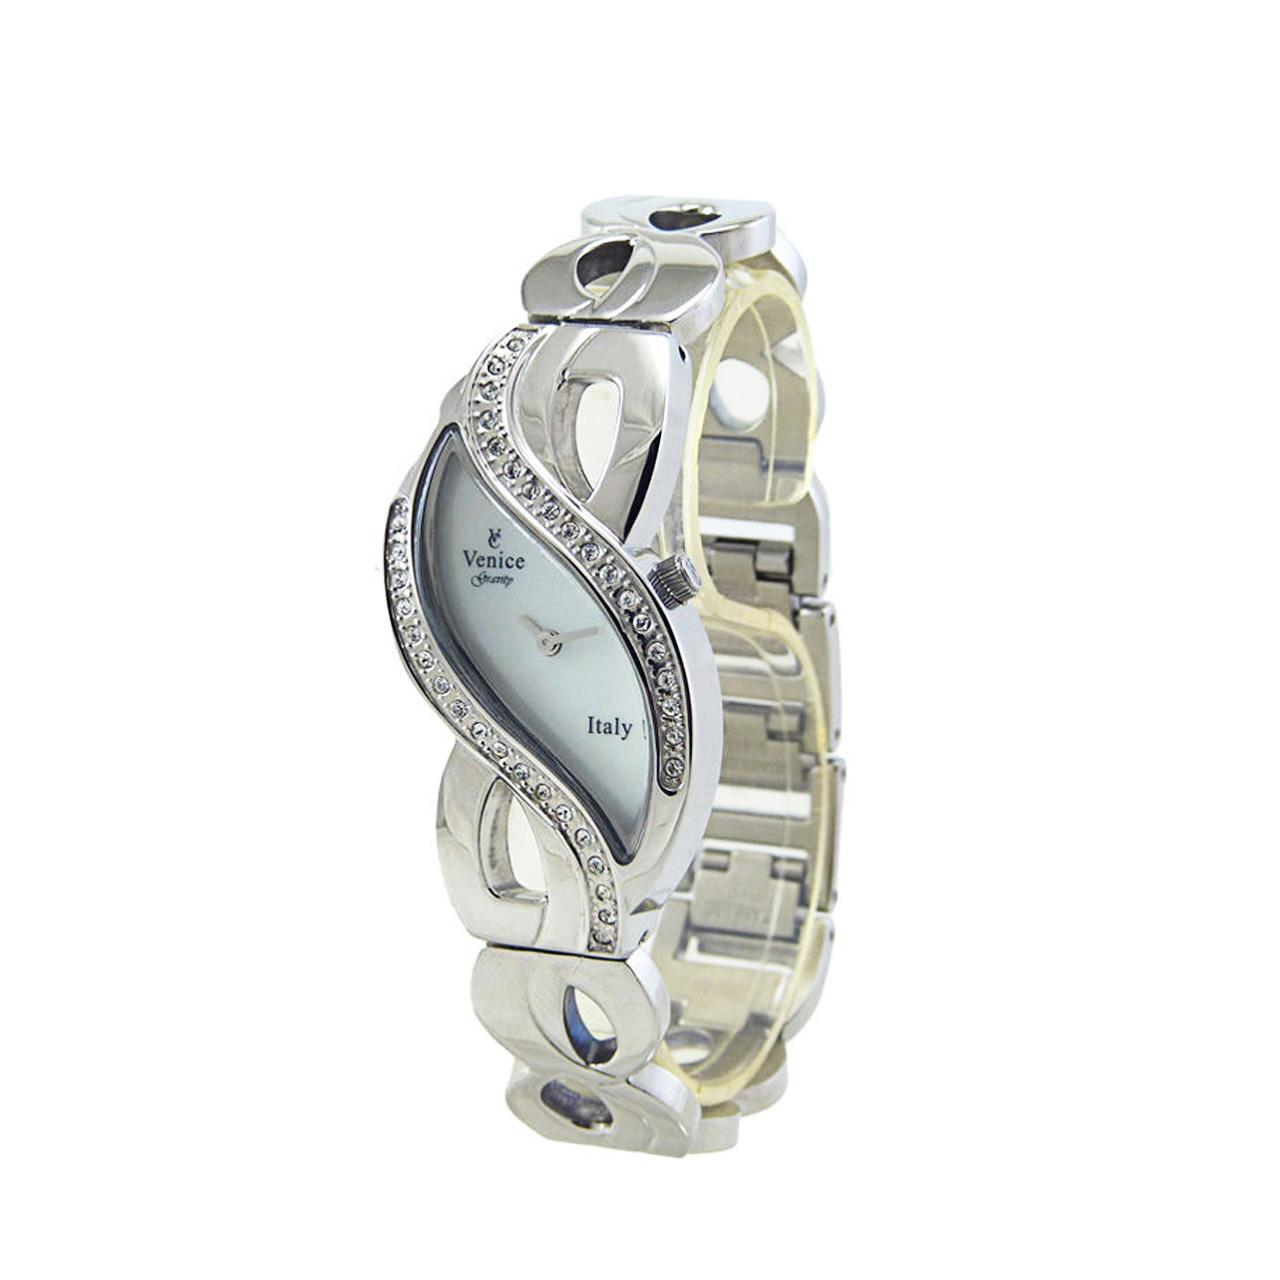 ساعت مچی عقربه ای زنانه ونیز مدل SV4005 17